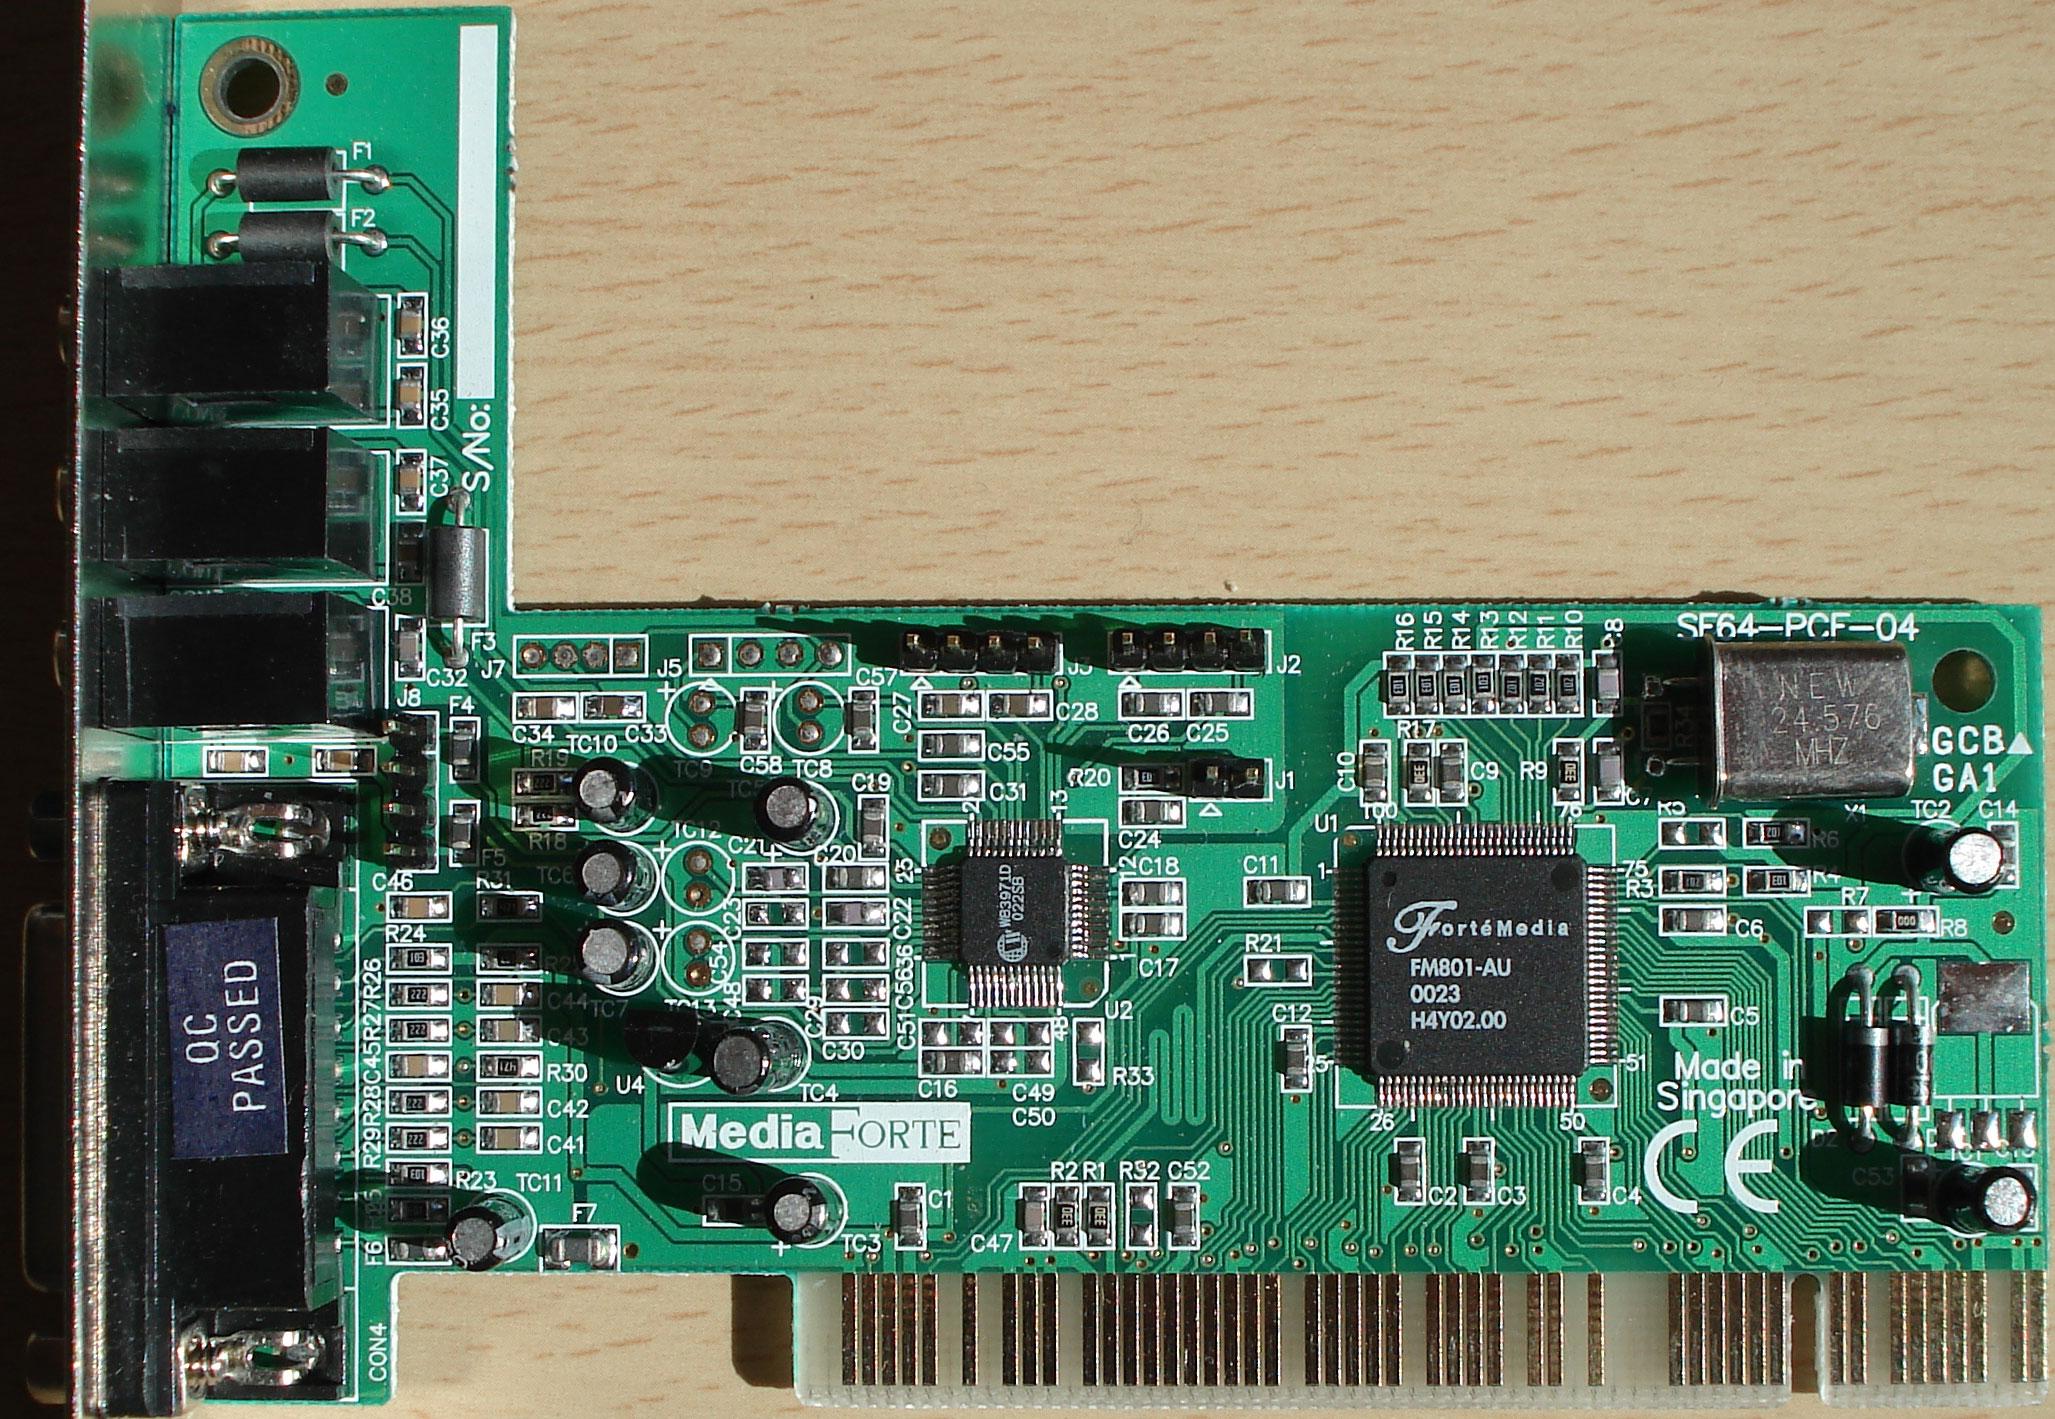 FORTEMEDIA FM801 AU WINDOWS XP DRIVER DOWNLOAD